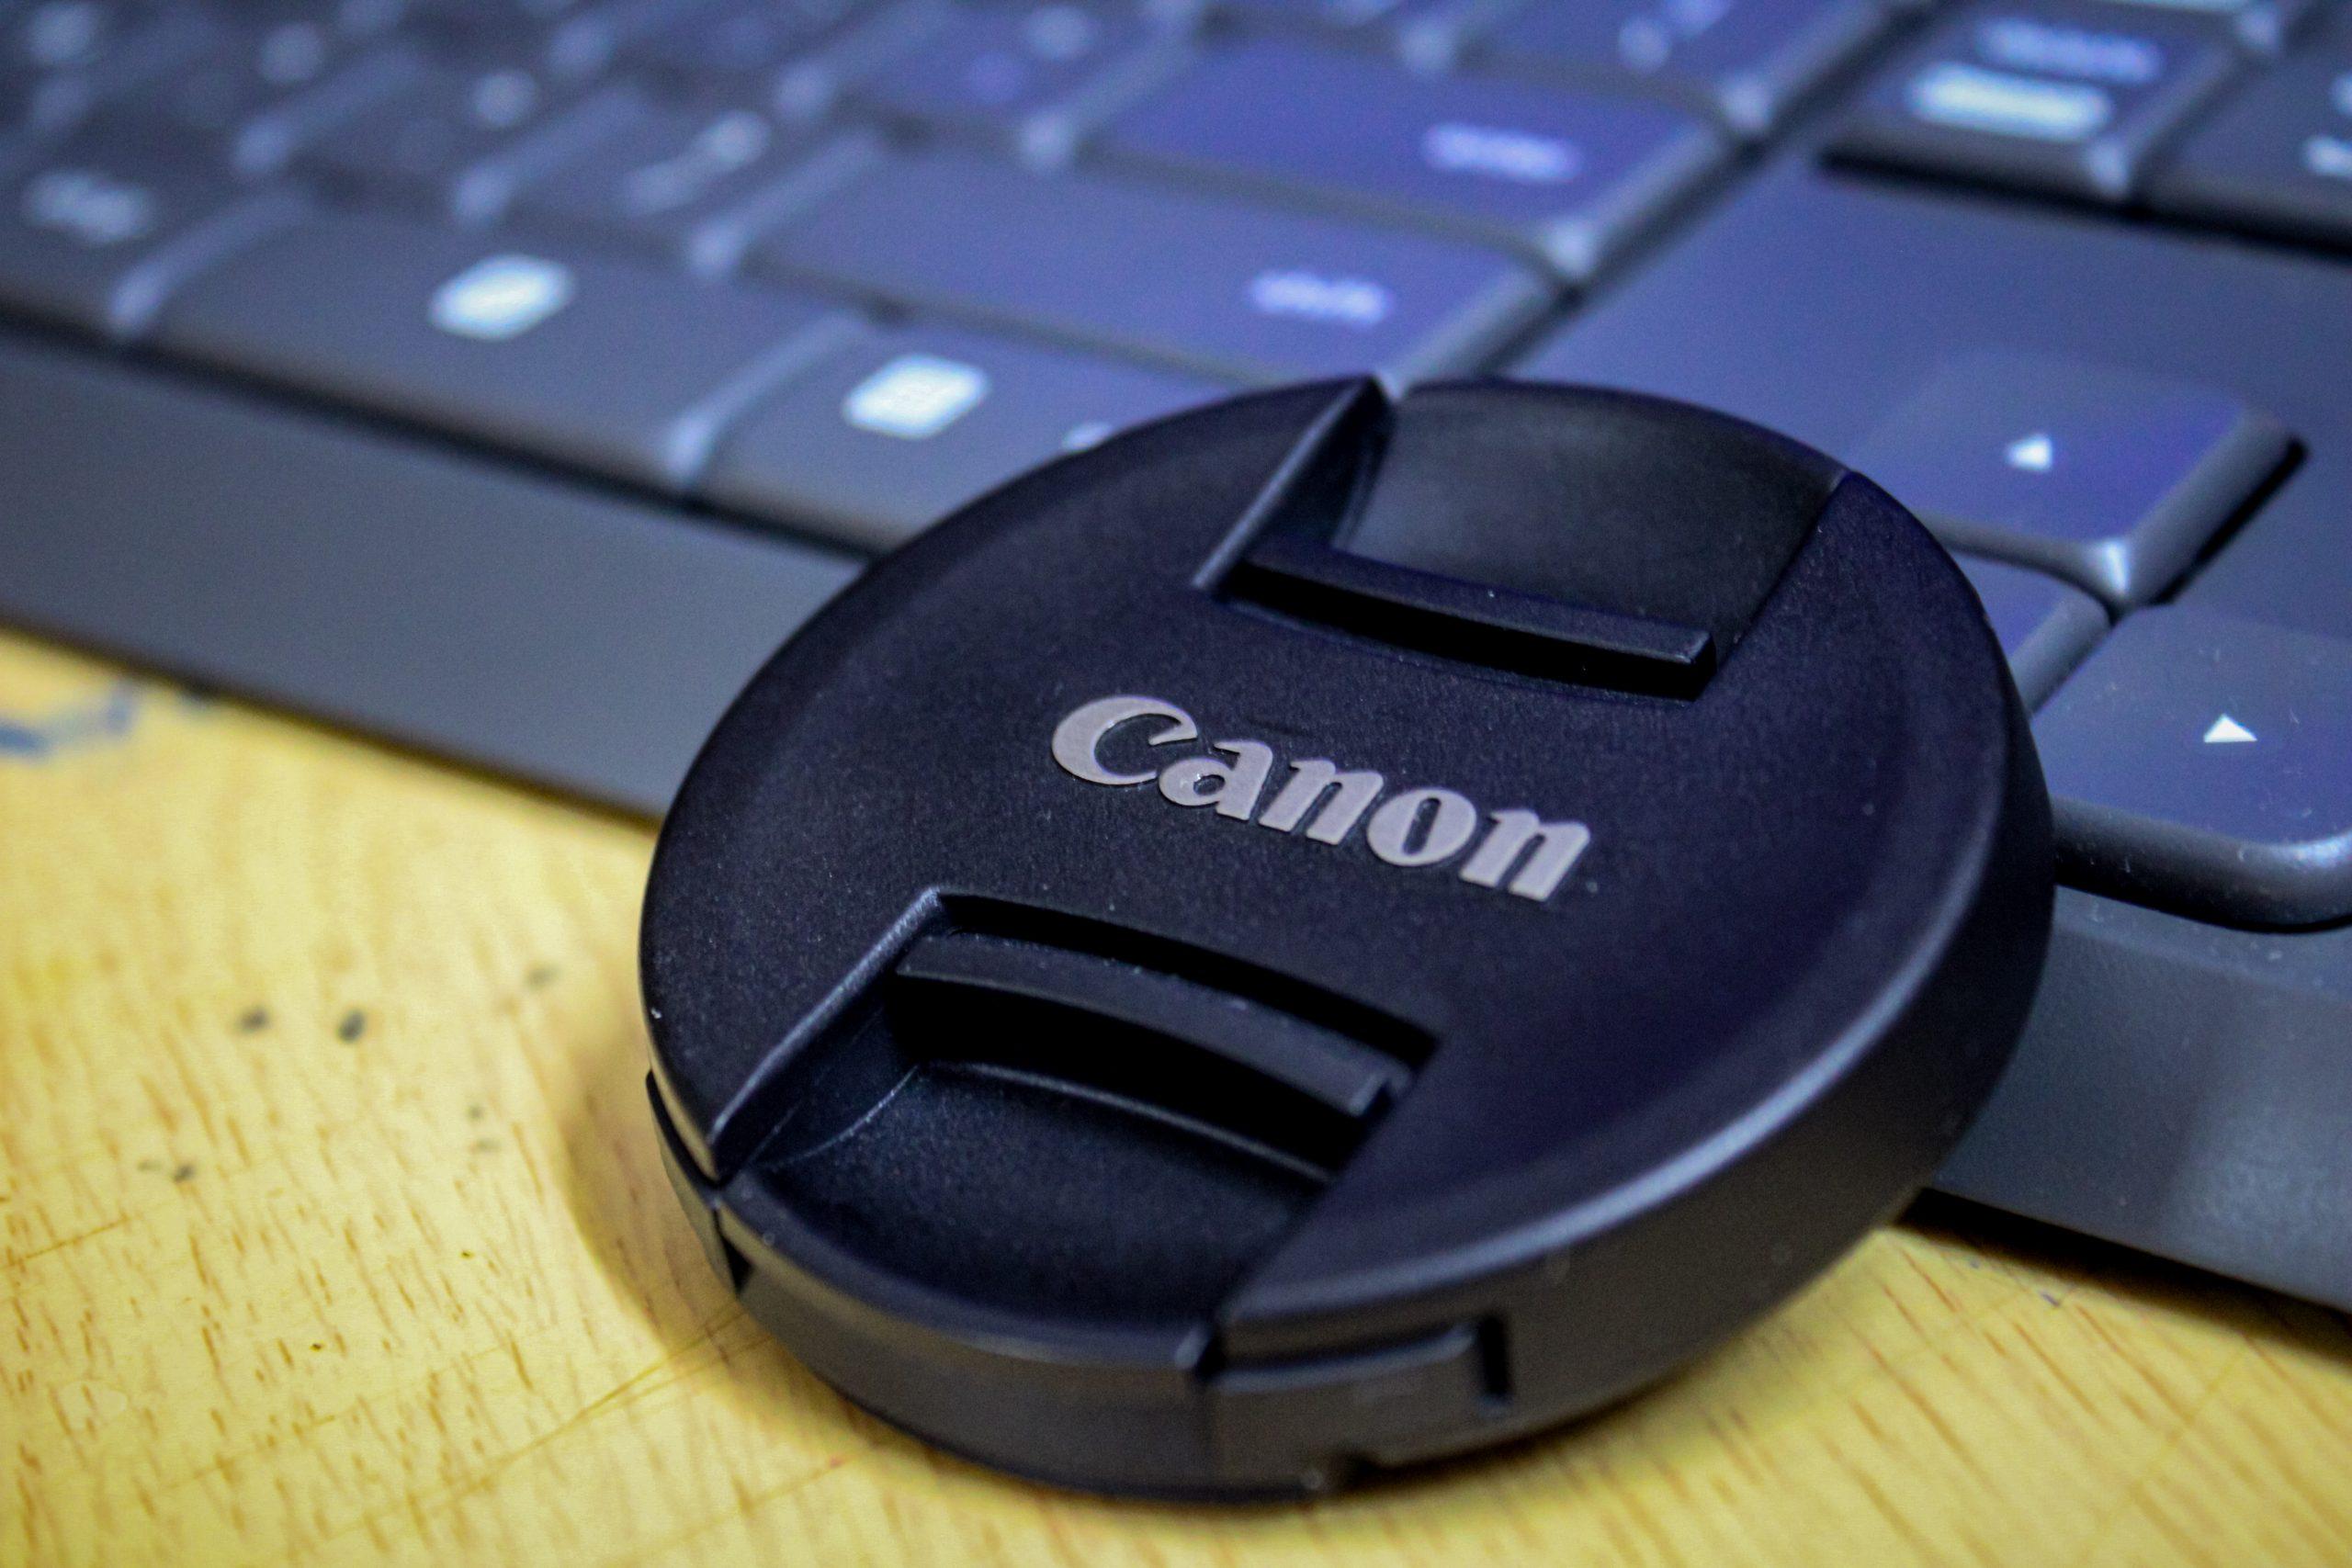 Cap of camera lens